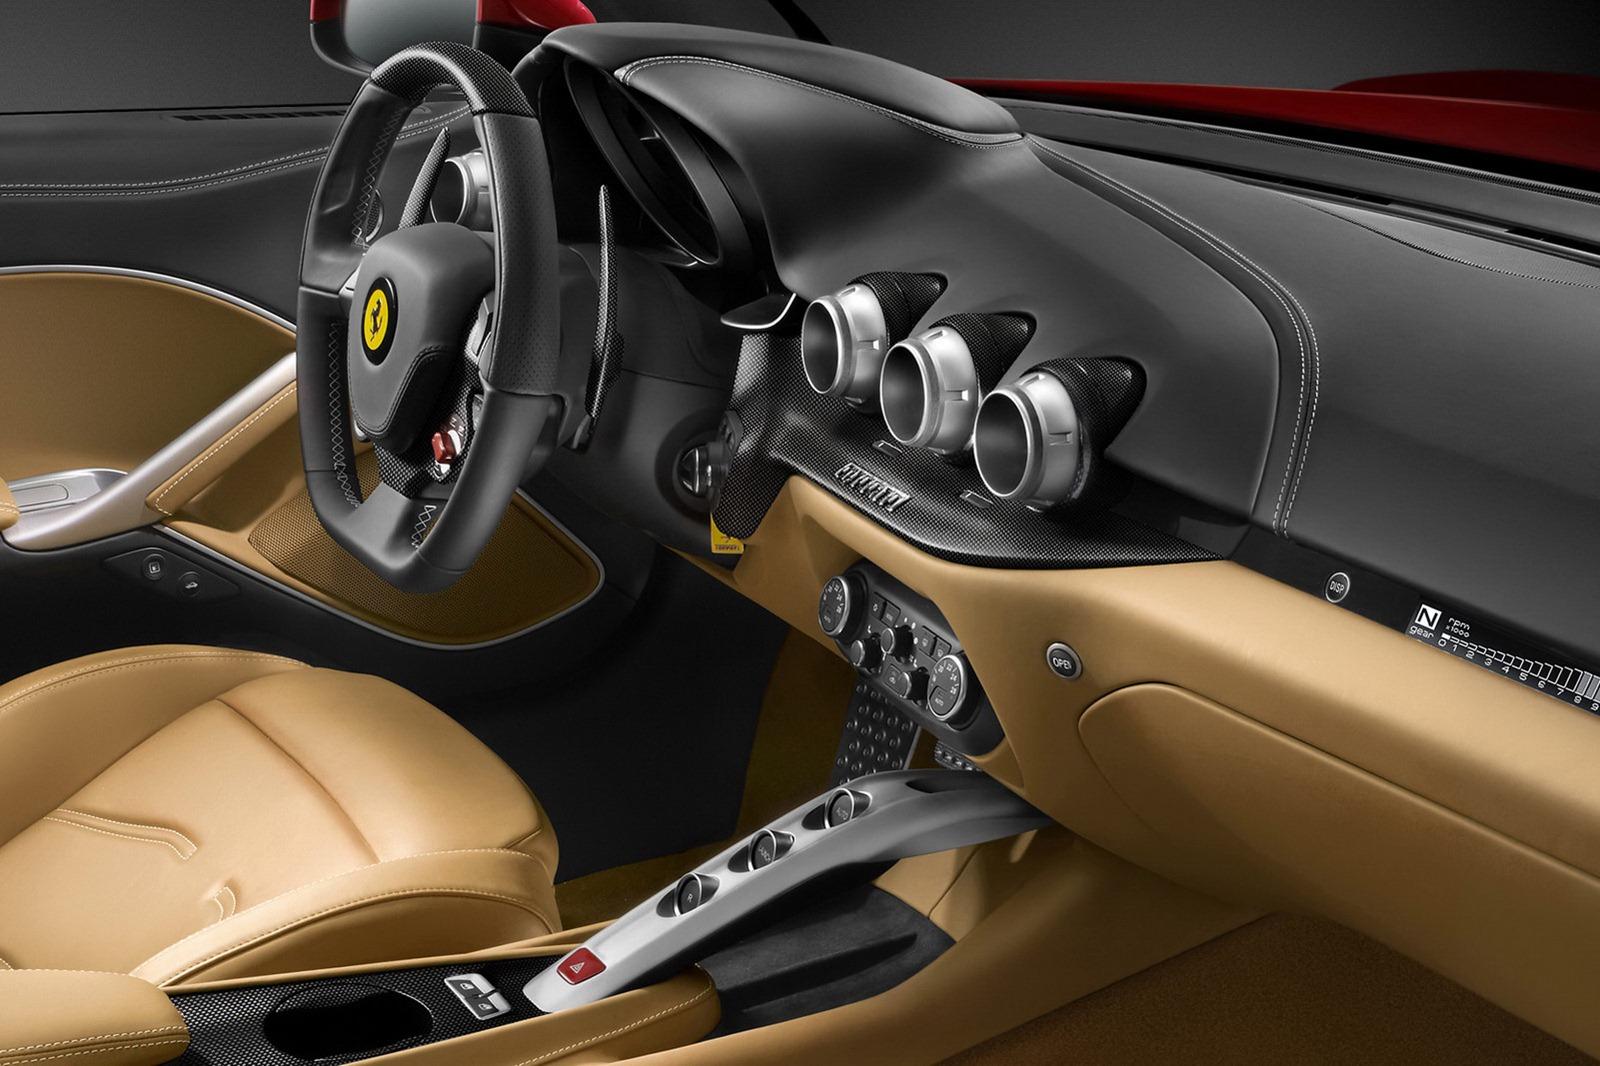 http://3.bp.blogspot.com/--9-G1gQ-iH4/T1O2JbKwtQI/AAAAAAAAdcw/T1K-NtynmgA/s1600/Ferrari-F12-Berlinetta-cabin.jpg